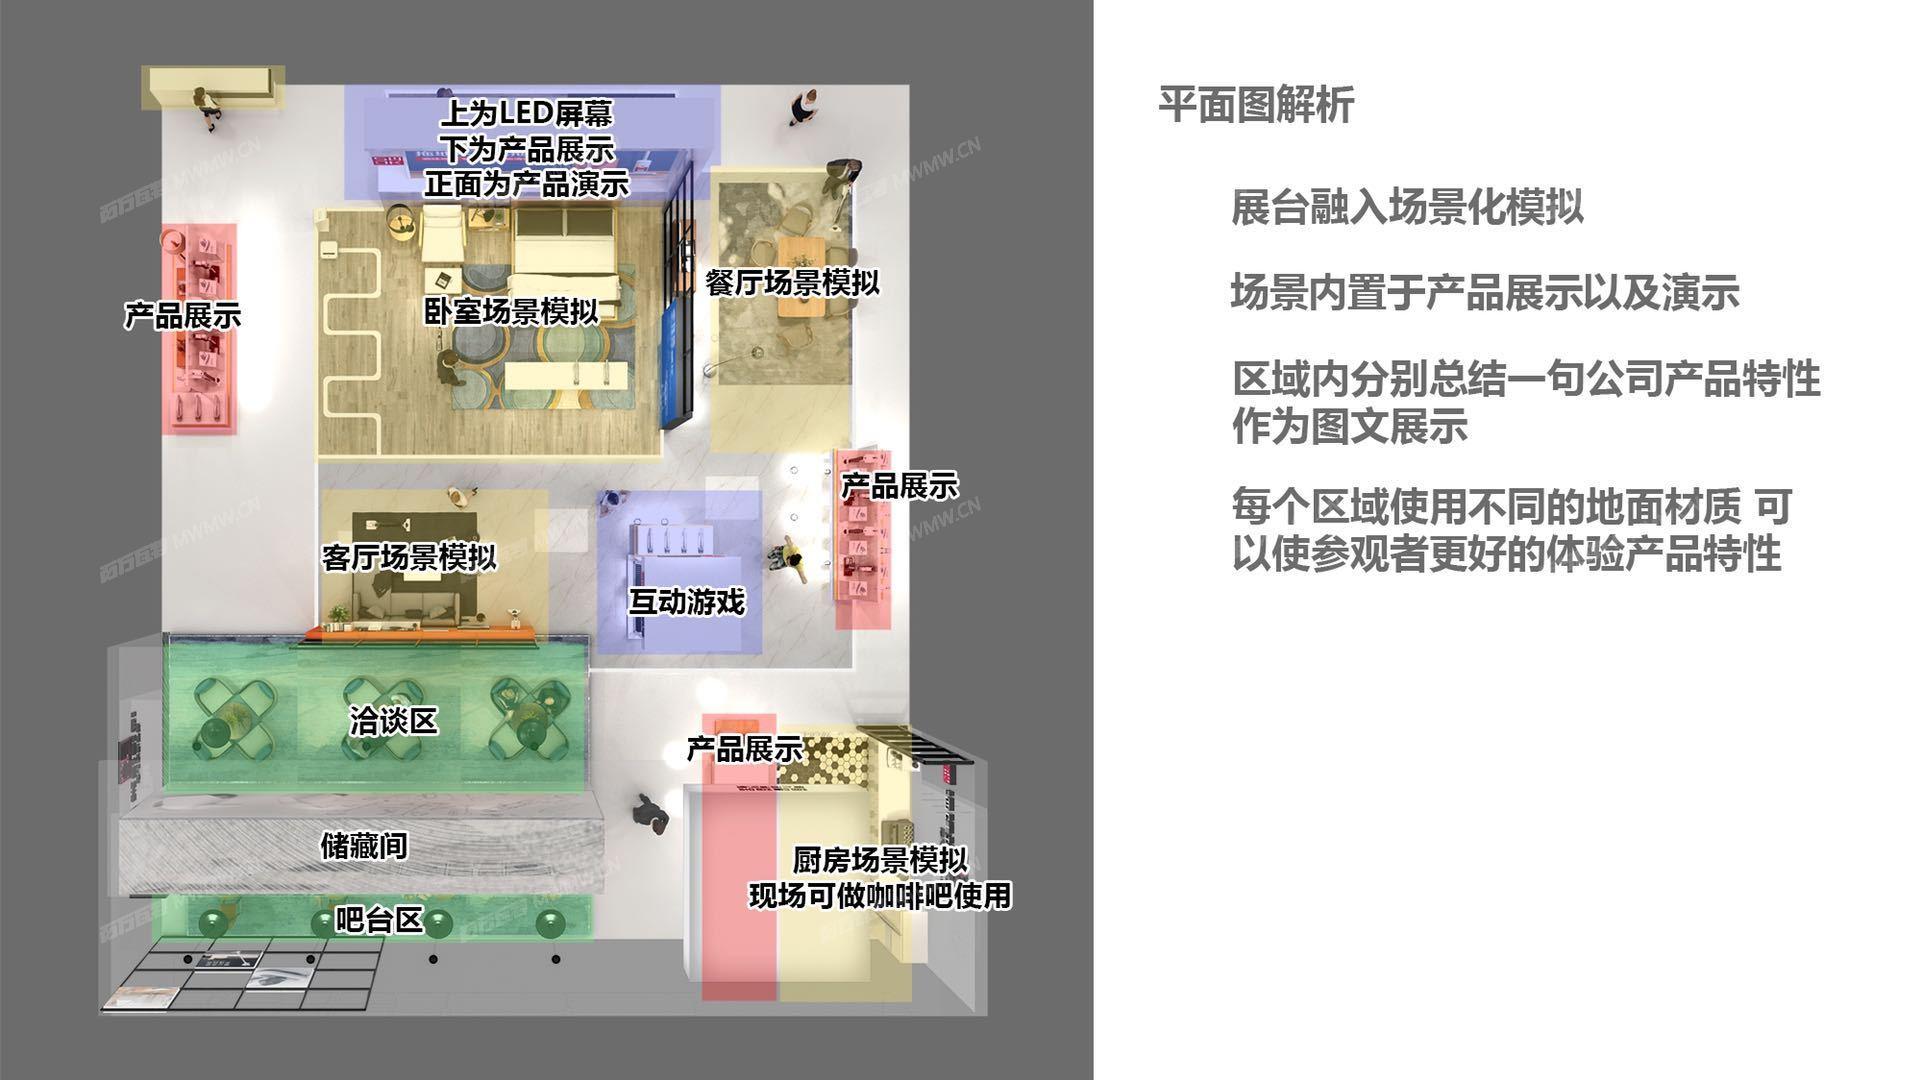 微信图片_20200425211636.jpg